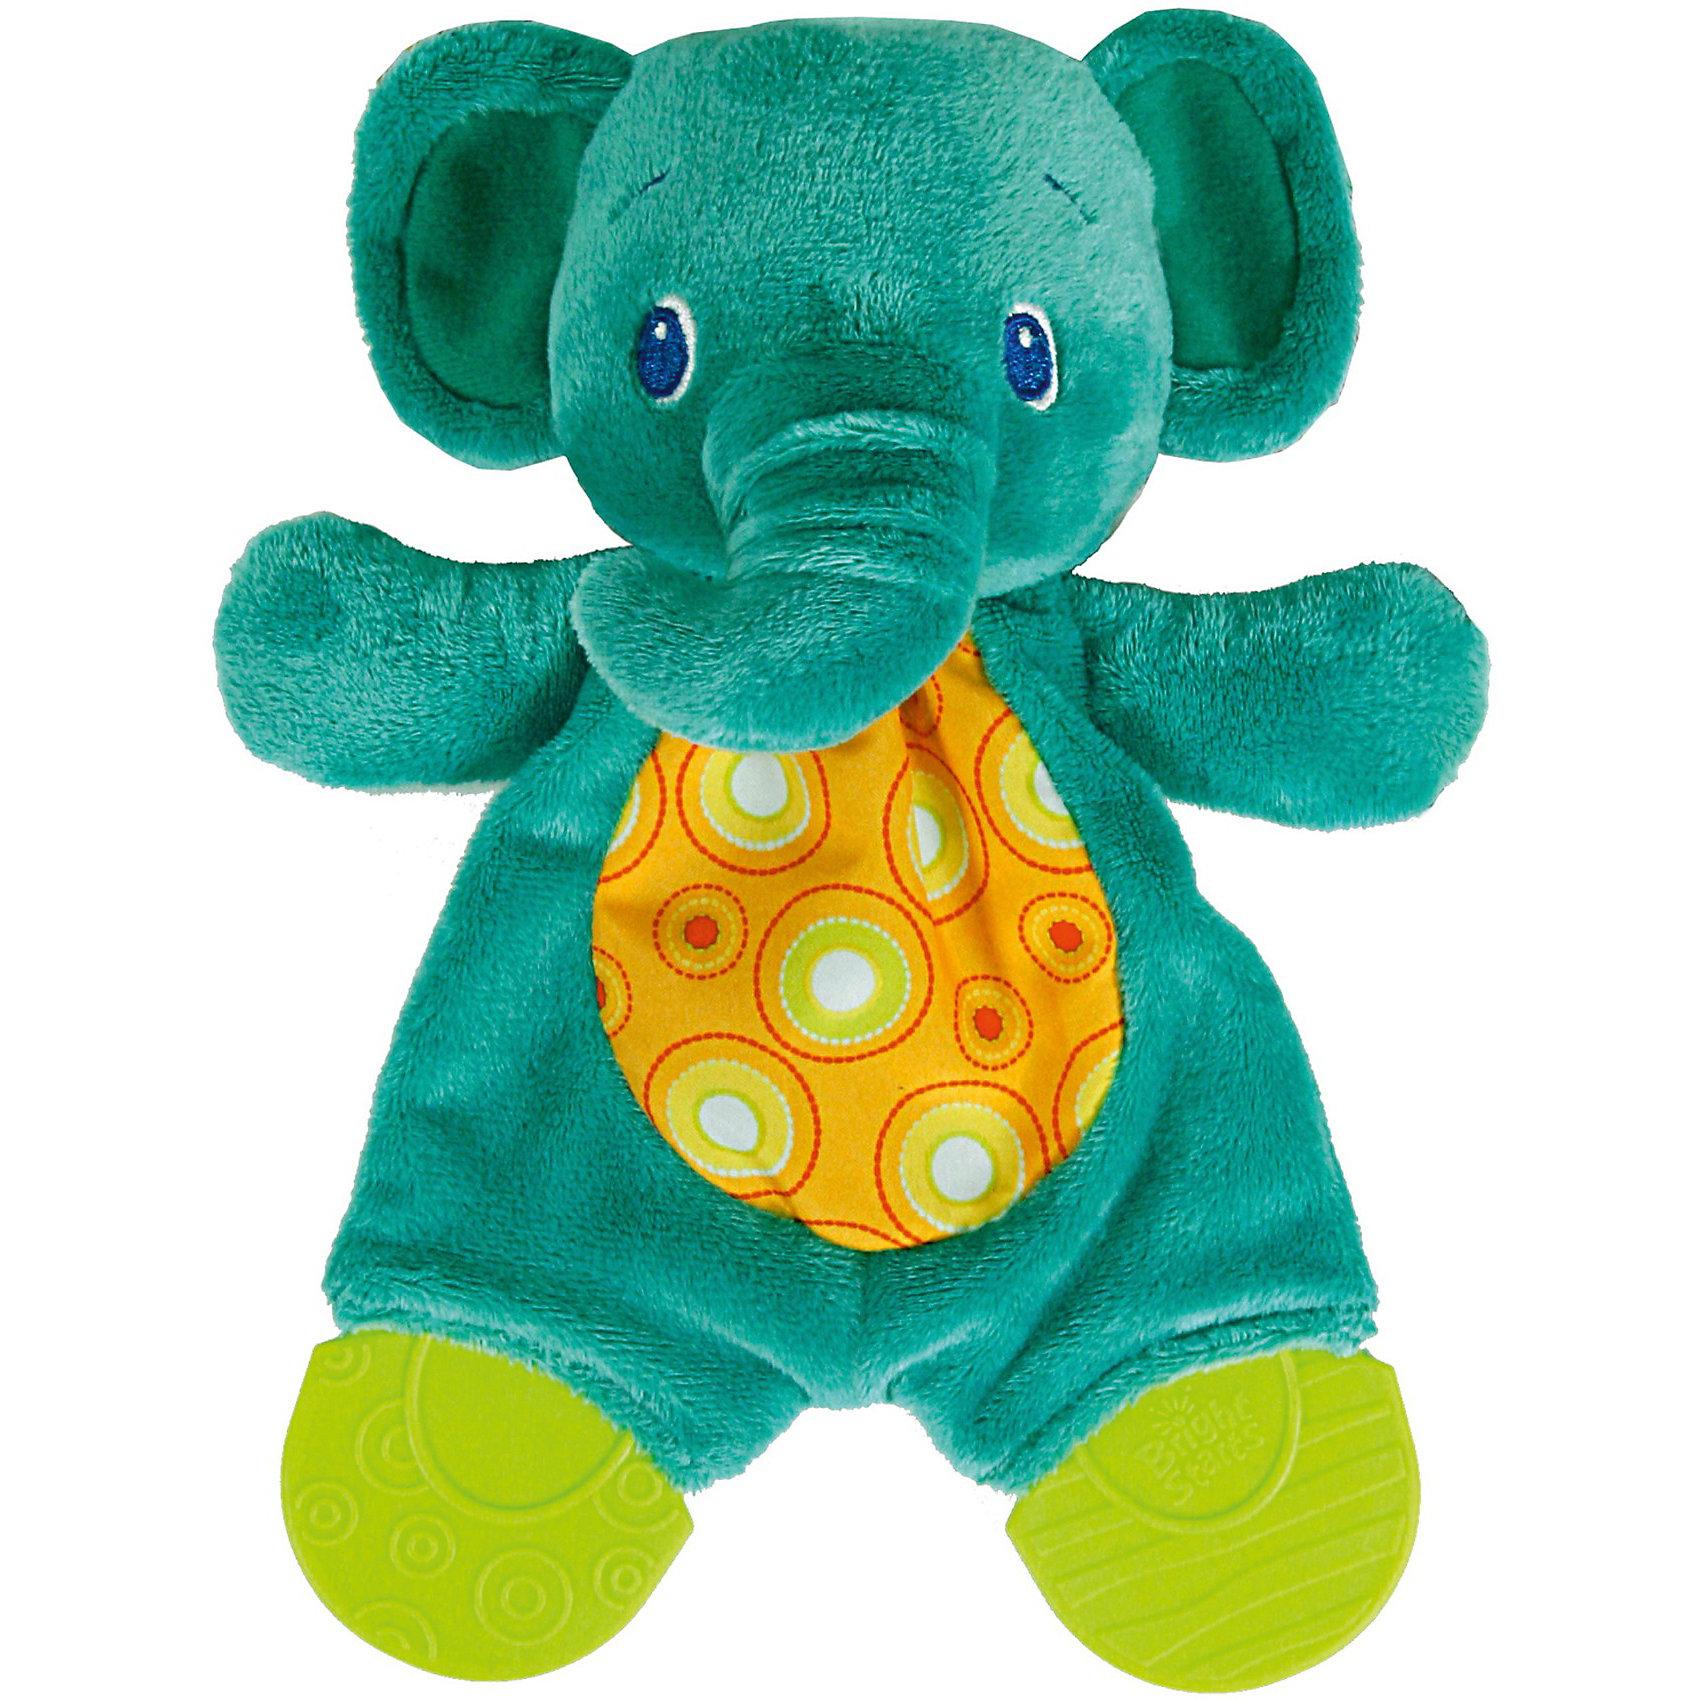 Bright Starts Развивающая игрушка Самый мягкий друг Слонёнок, с прорезывателями, Bright Starts bright starts развивающая игрушка слоненок